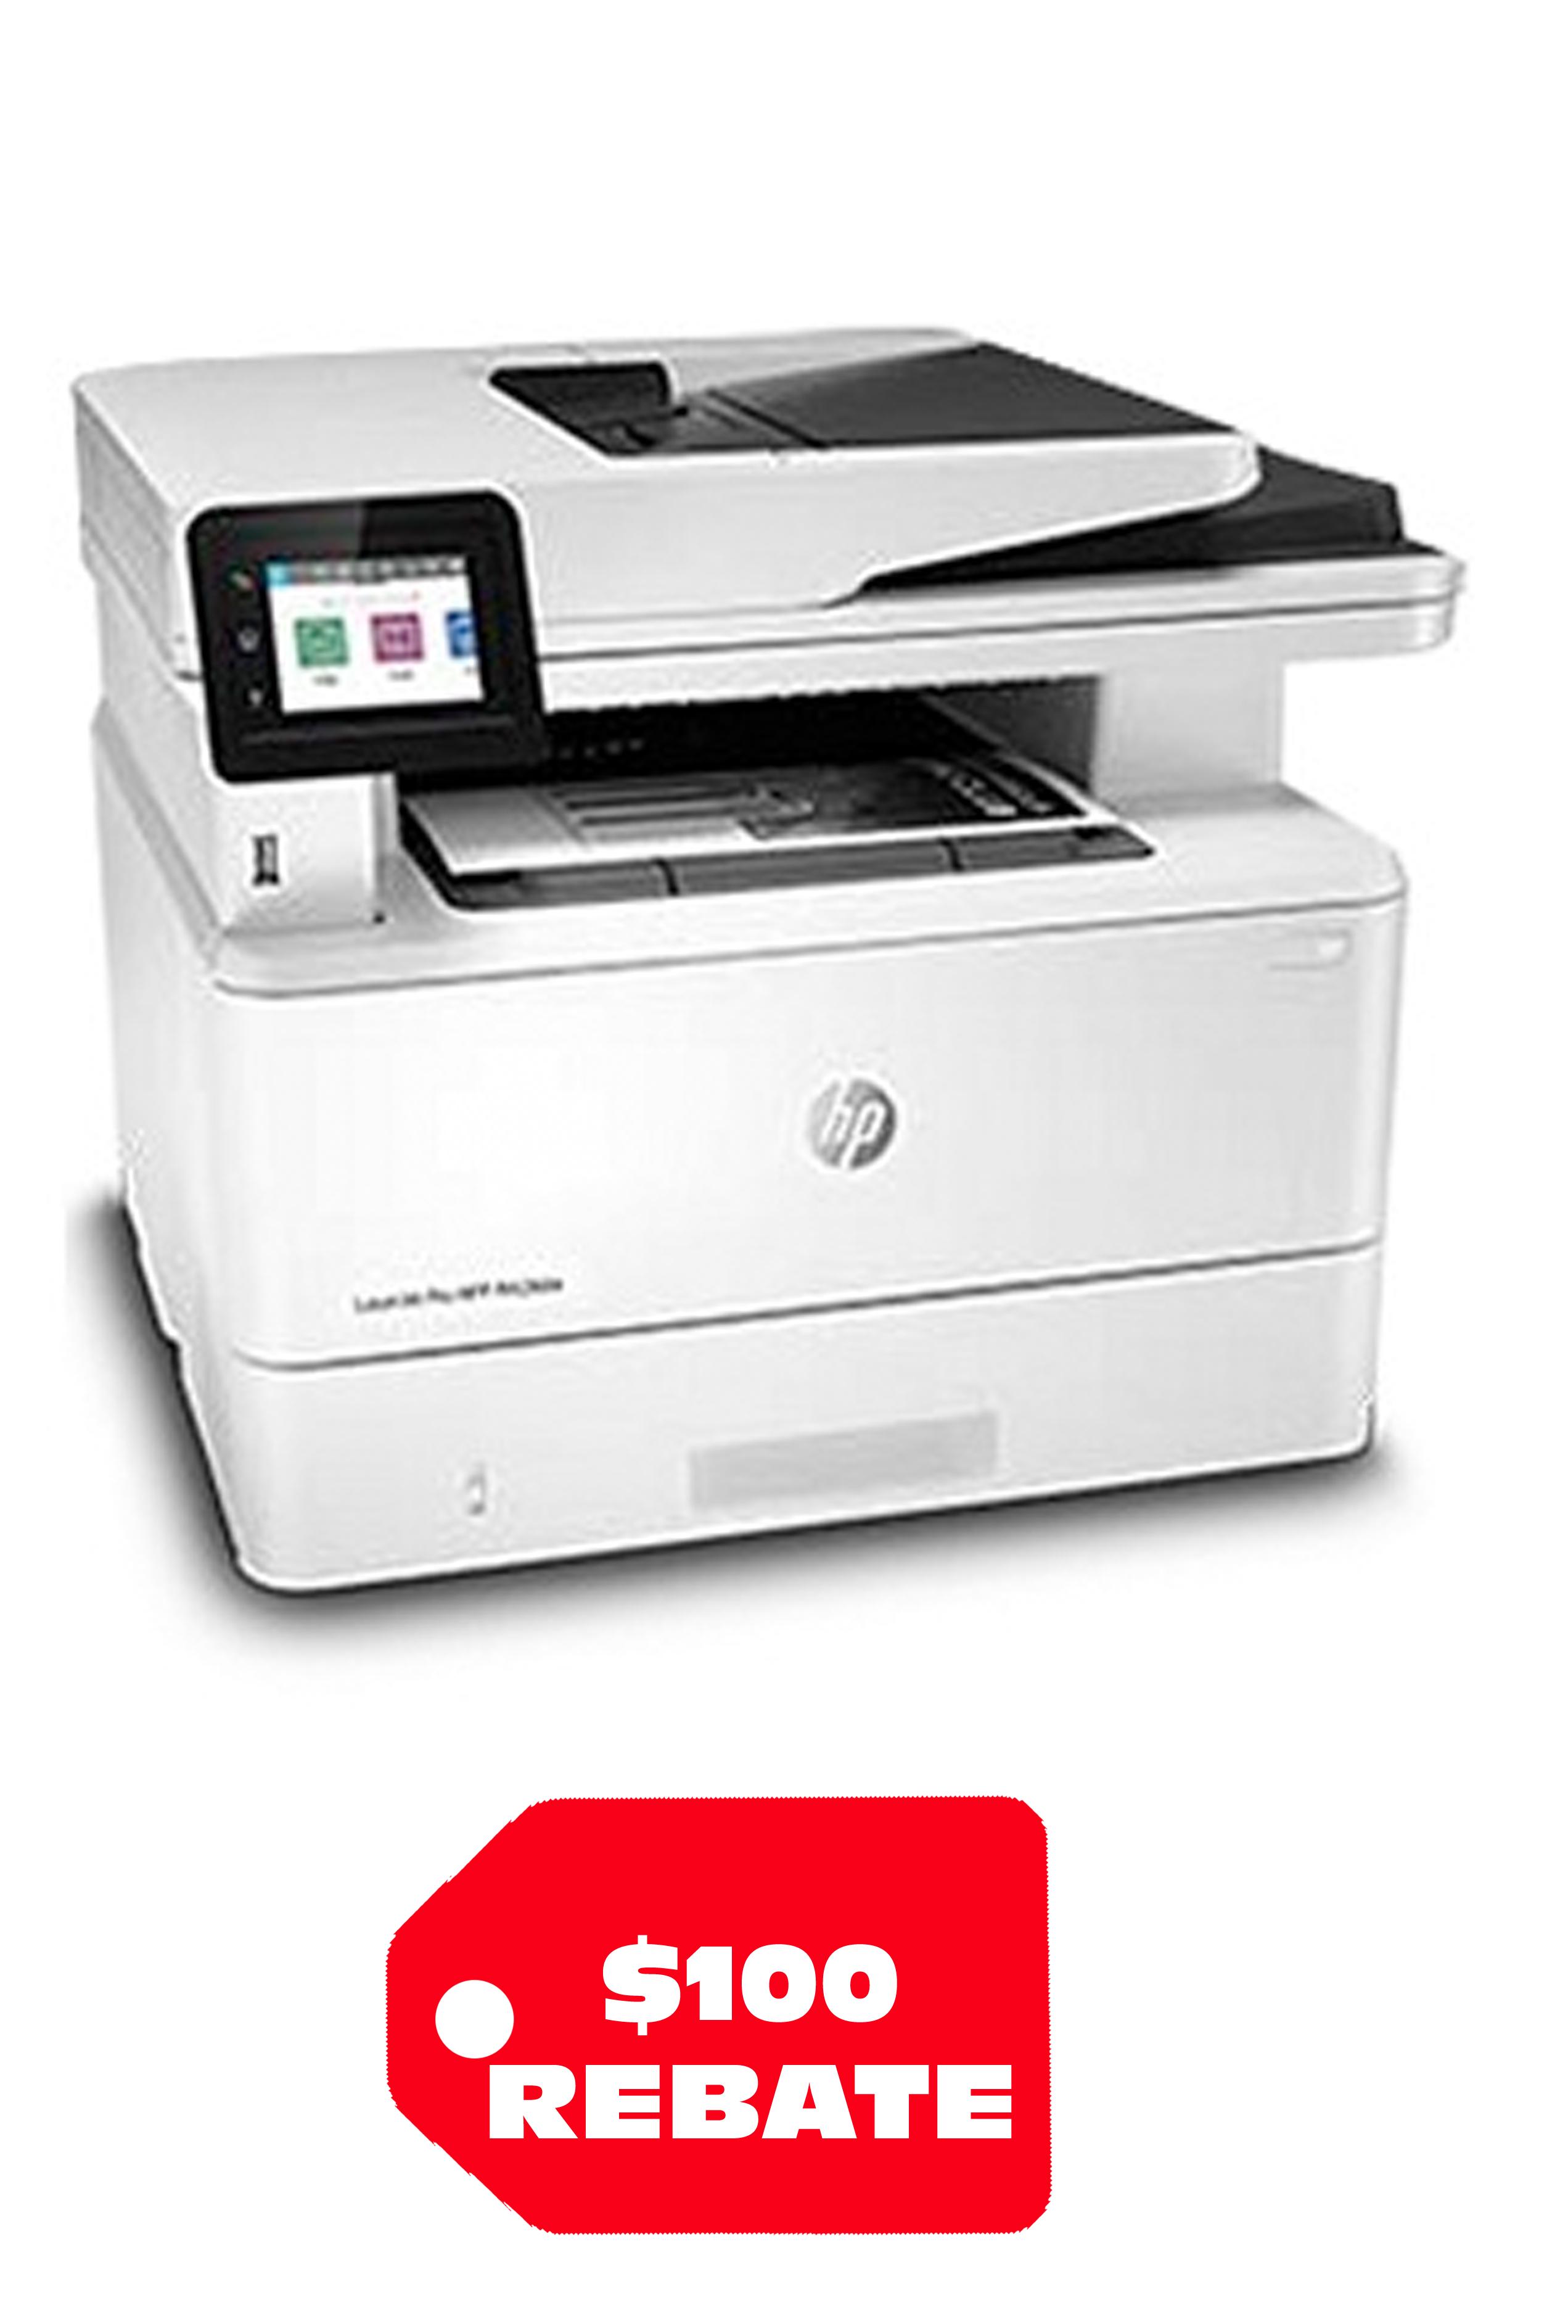 HP LaserJet Pro MFP M428fdn (40/38 ppm)